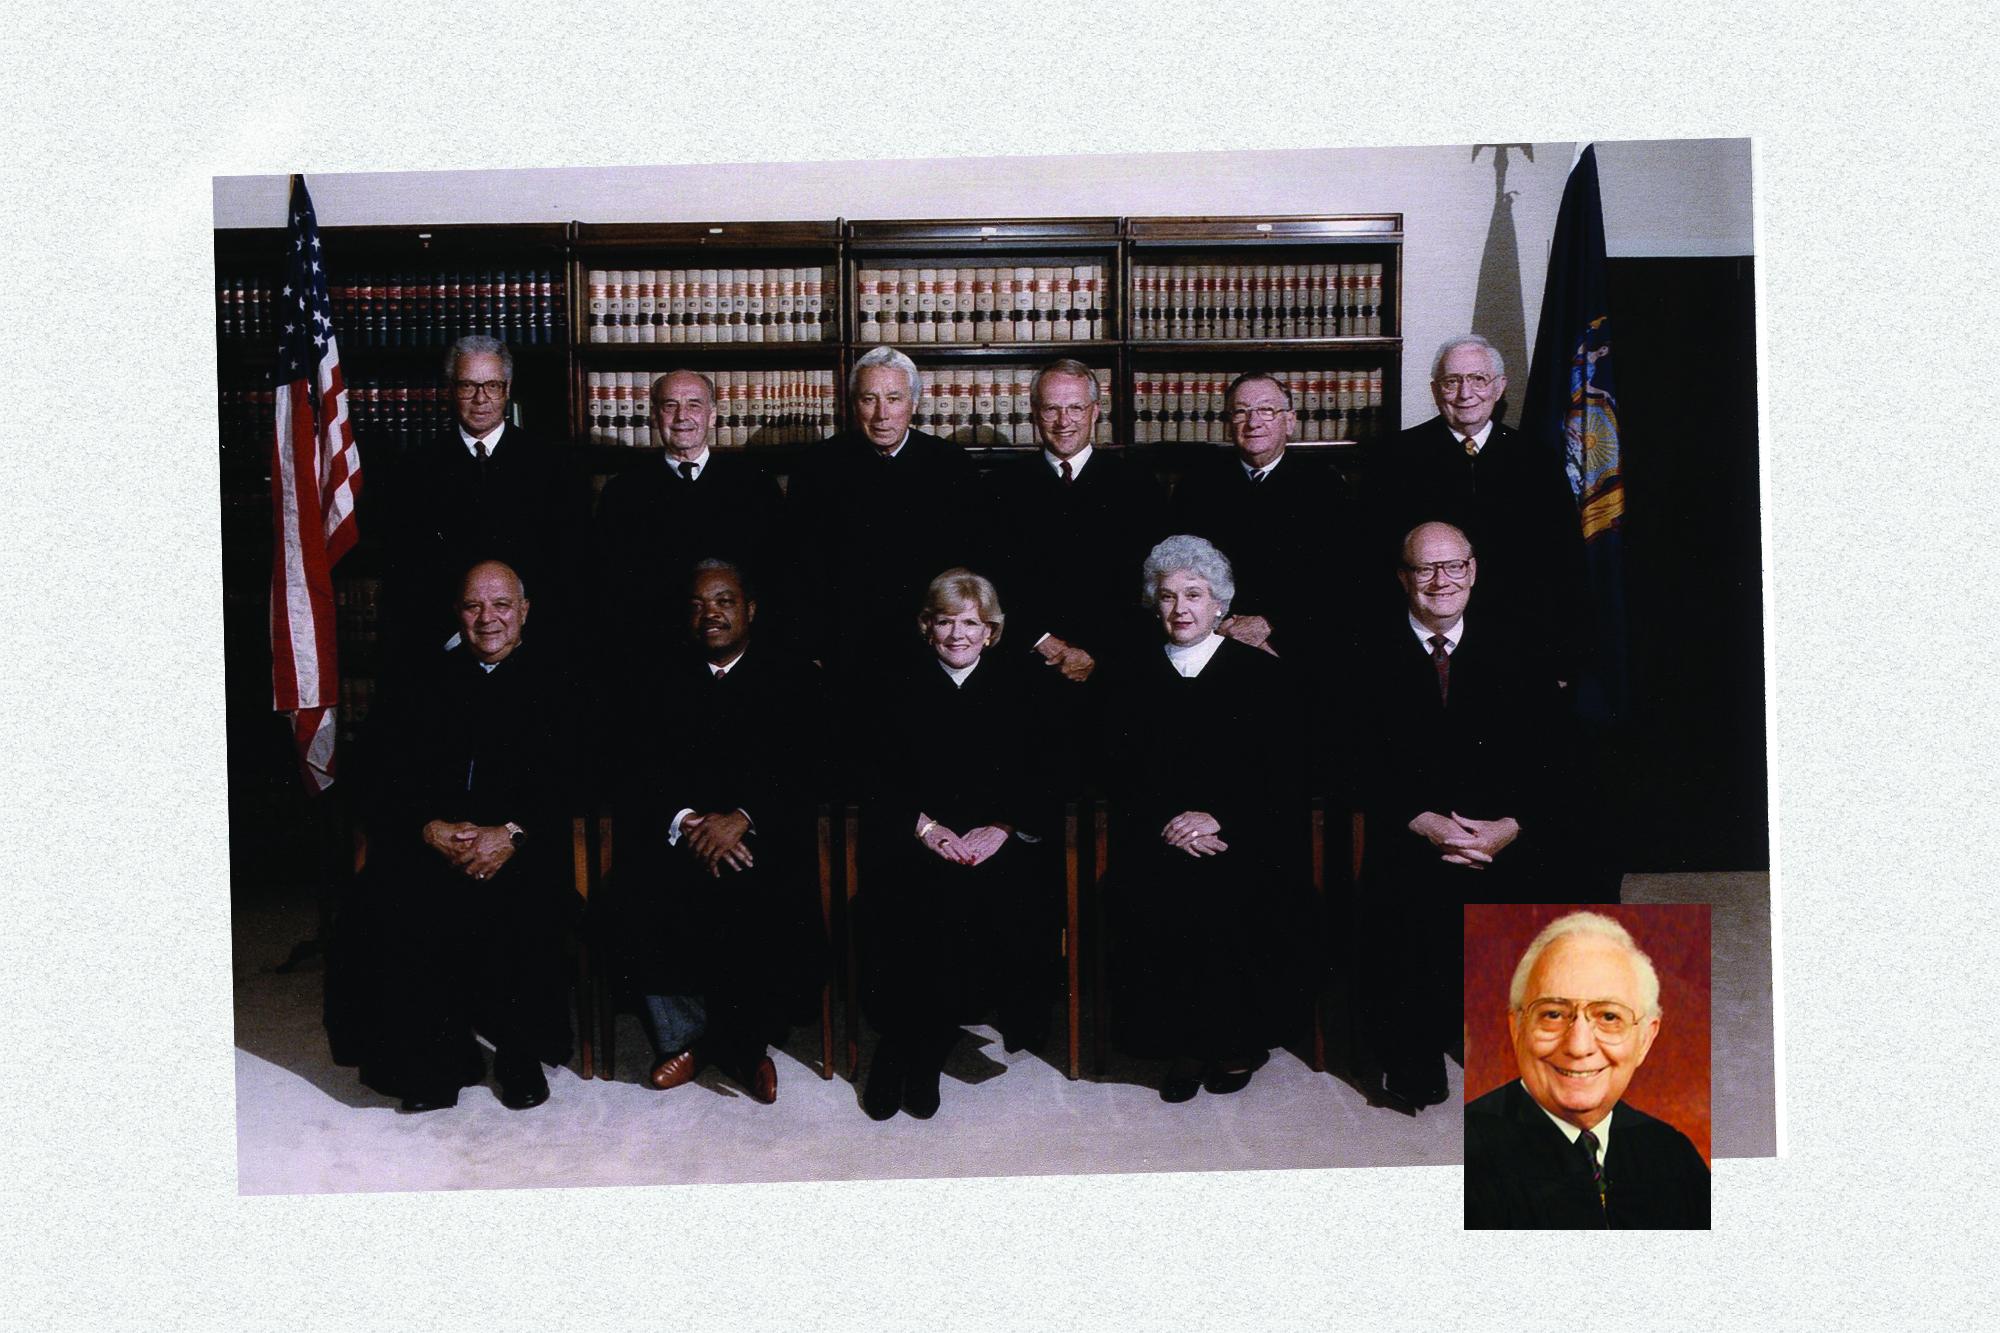 Justice David Boehm